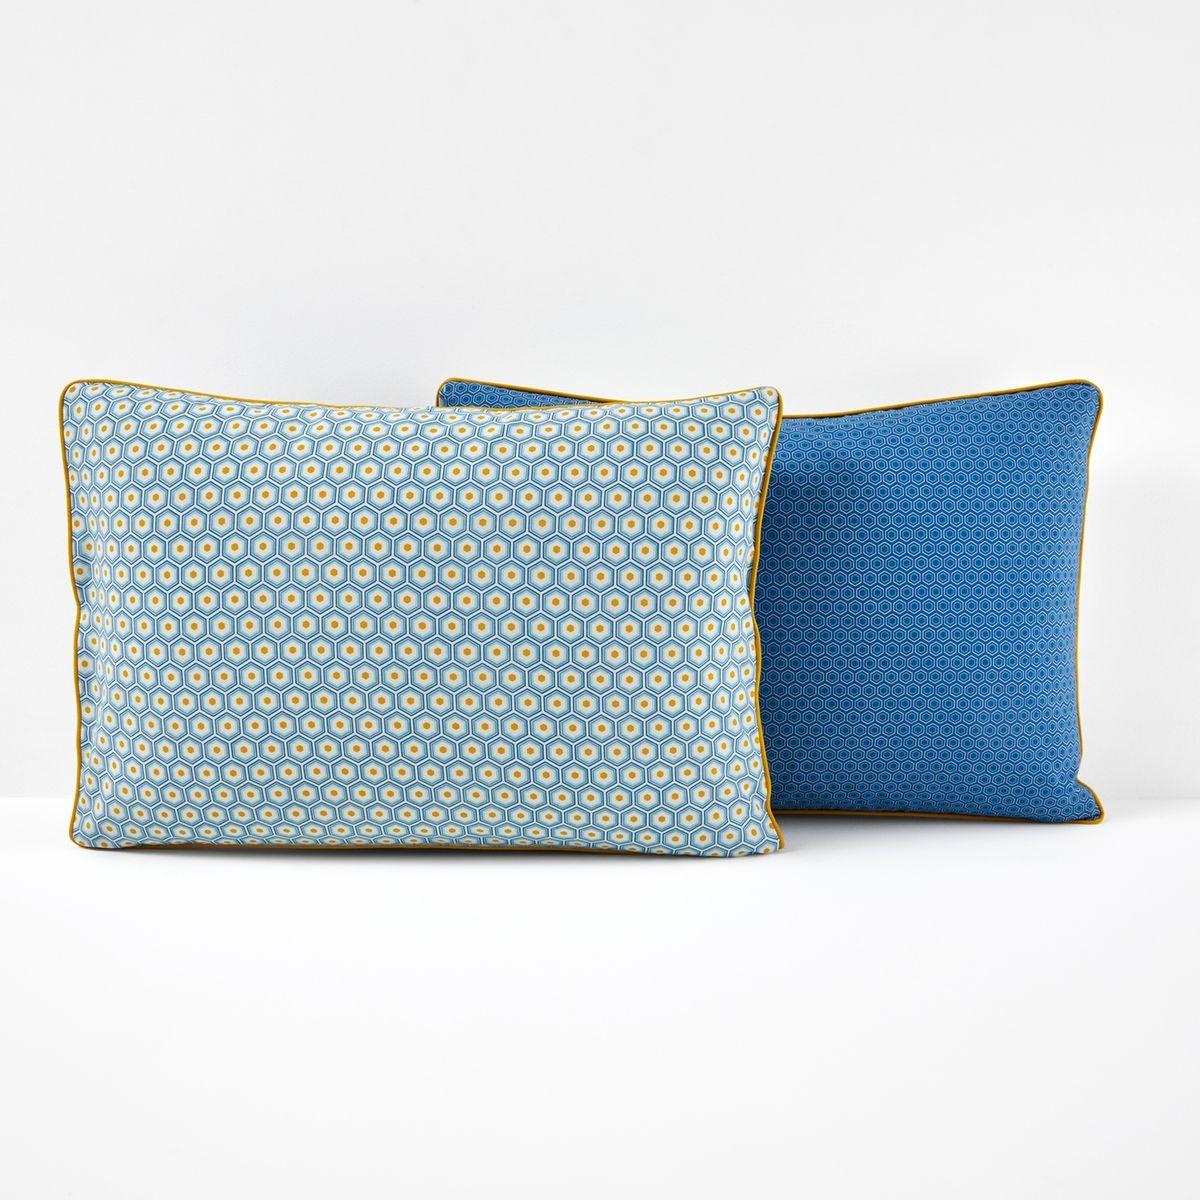 Taie D Oreiller Coton Pop Mozaic Taille 63x63 Cm 50x70 Cm Taie D Oreiller Couleur Bleu Turquoise Et Drap Plat